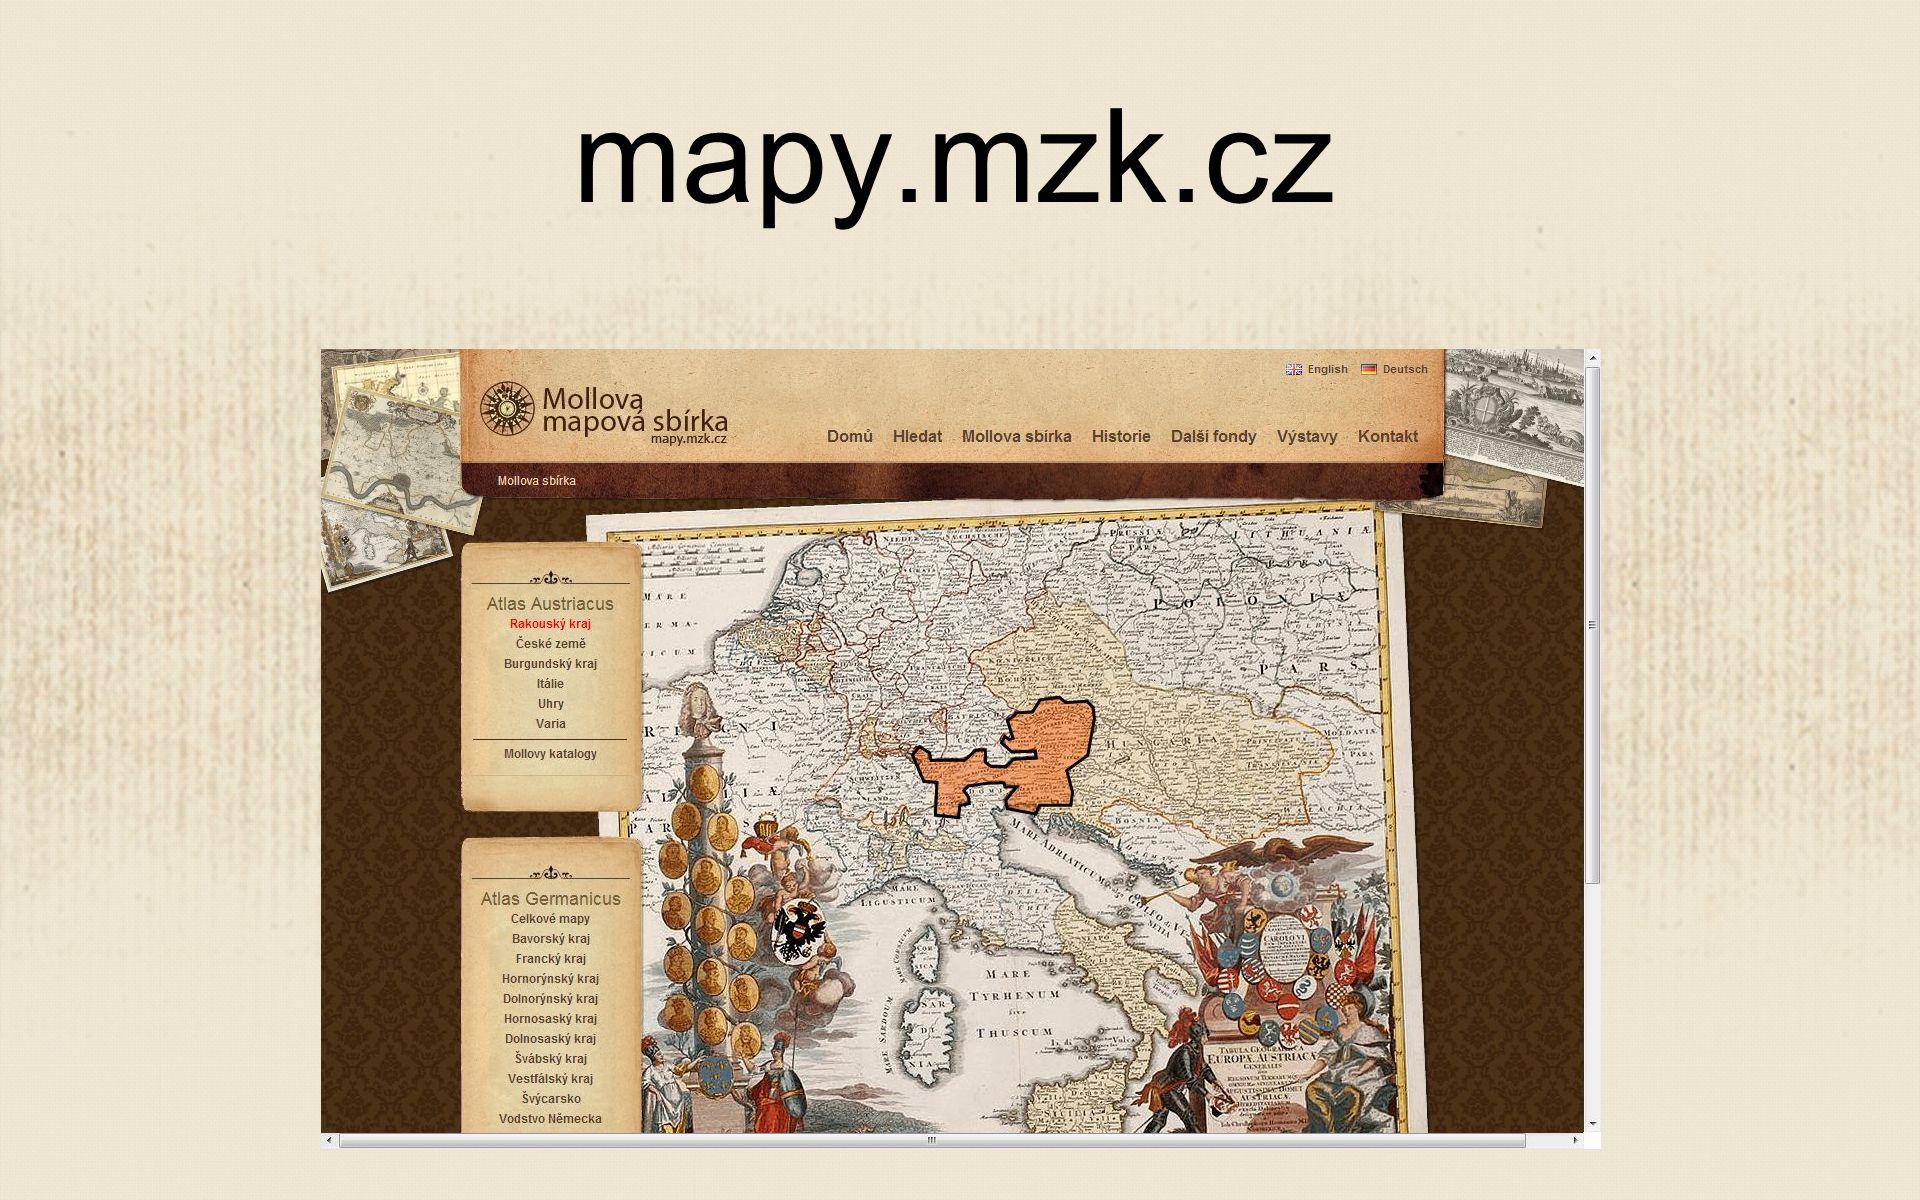 mapy.mzk.cz